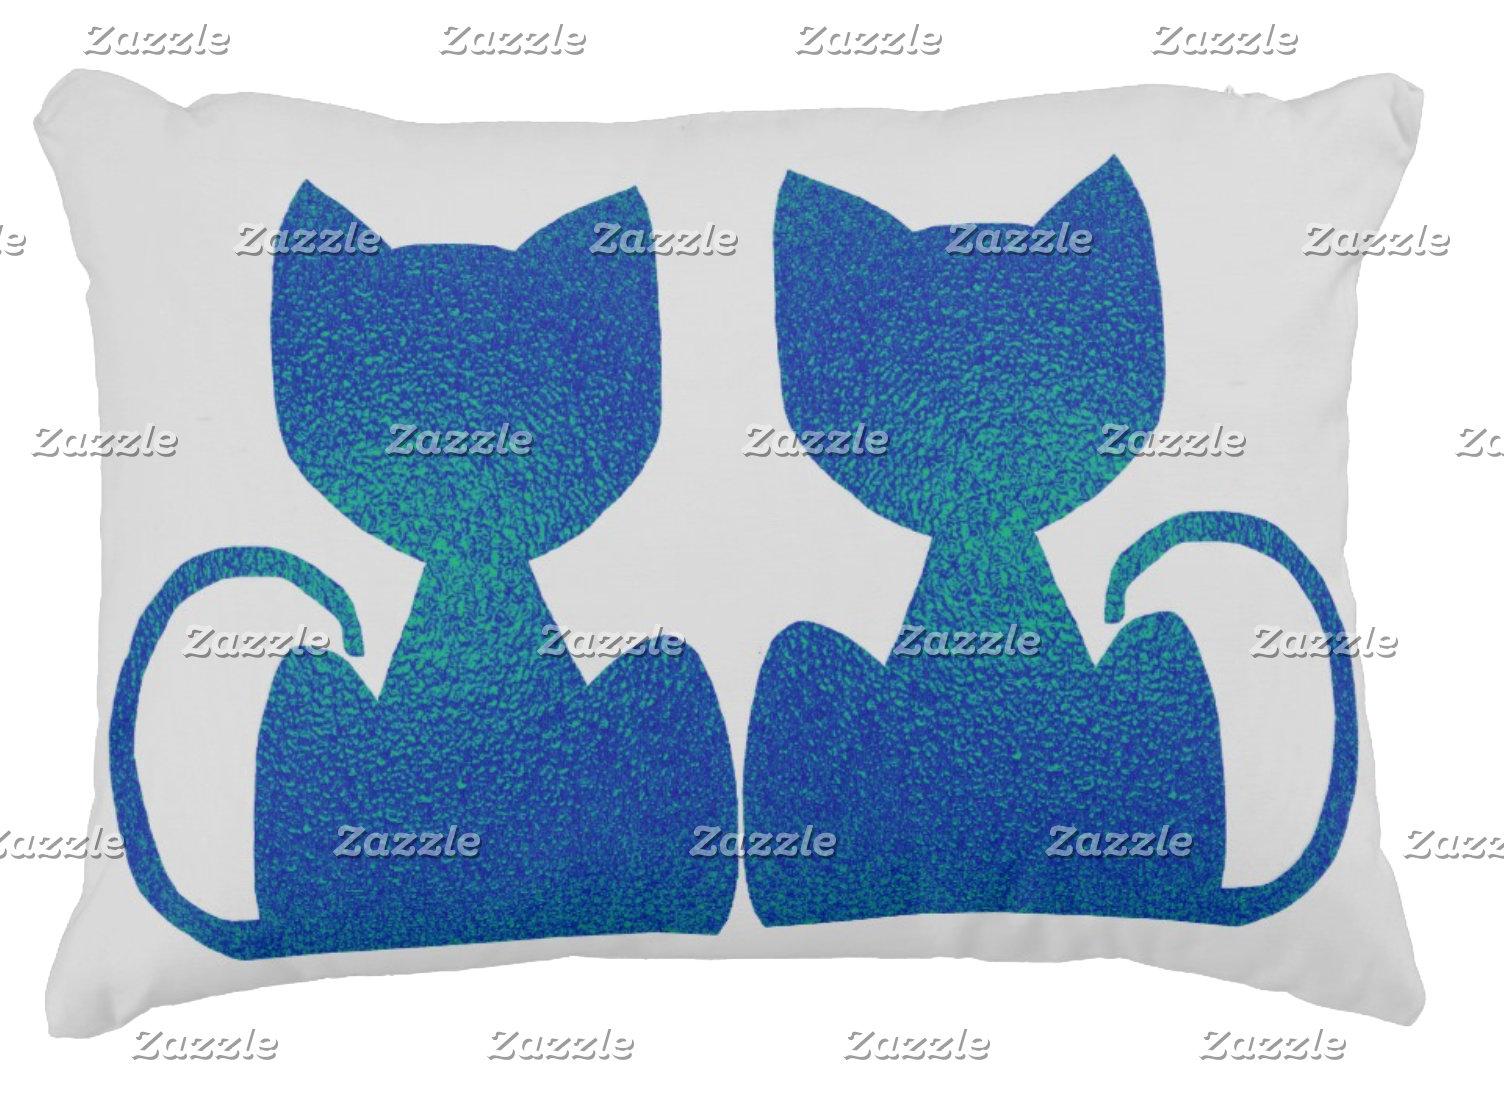 CrystalKatz Pillows